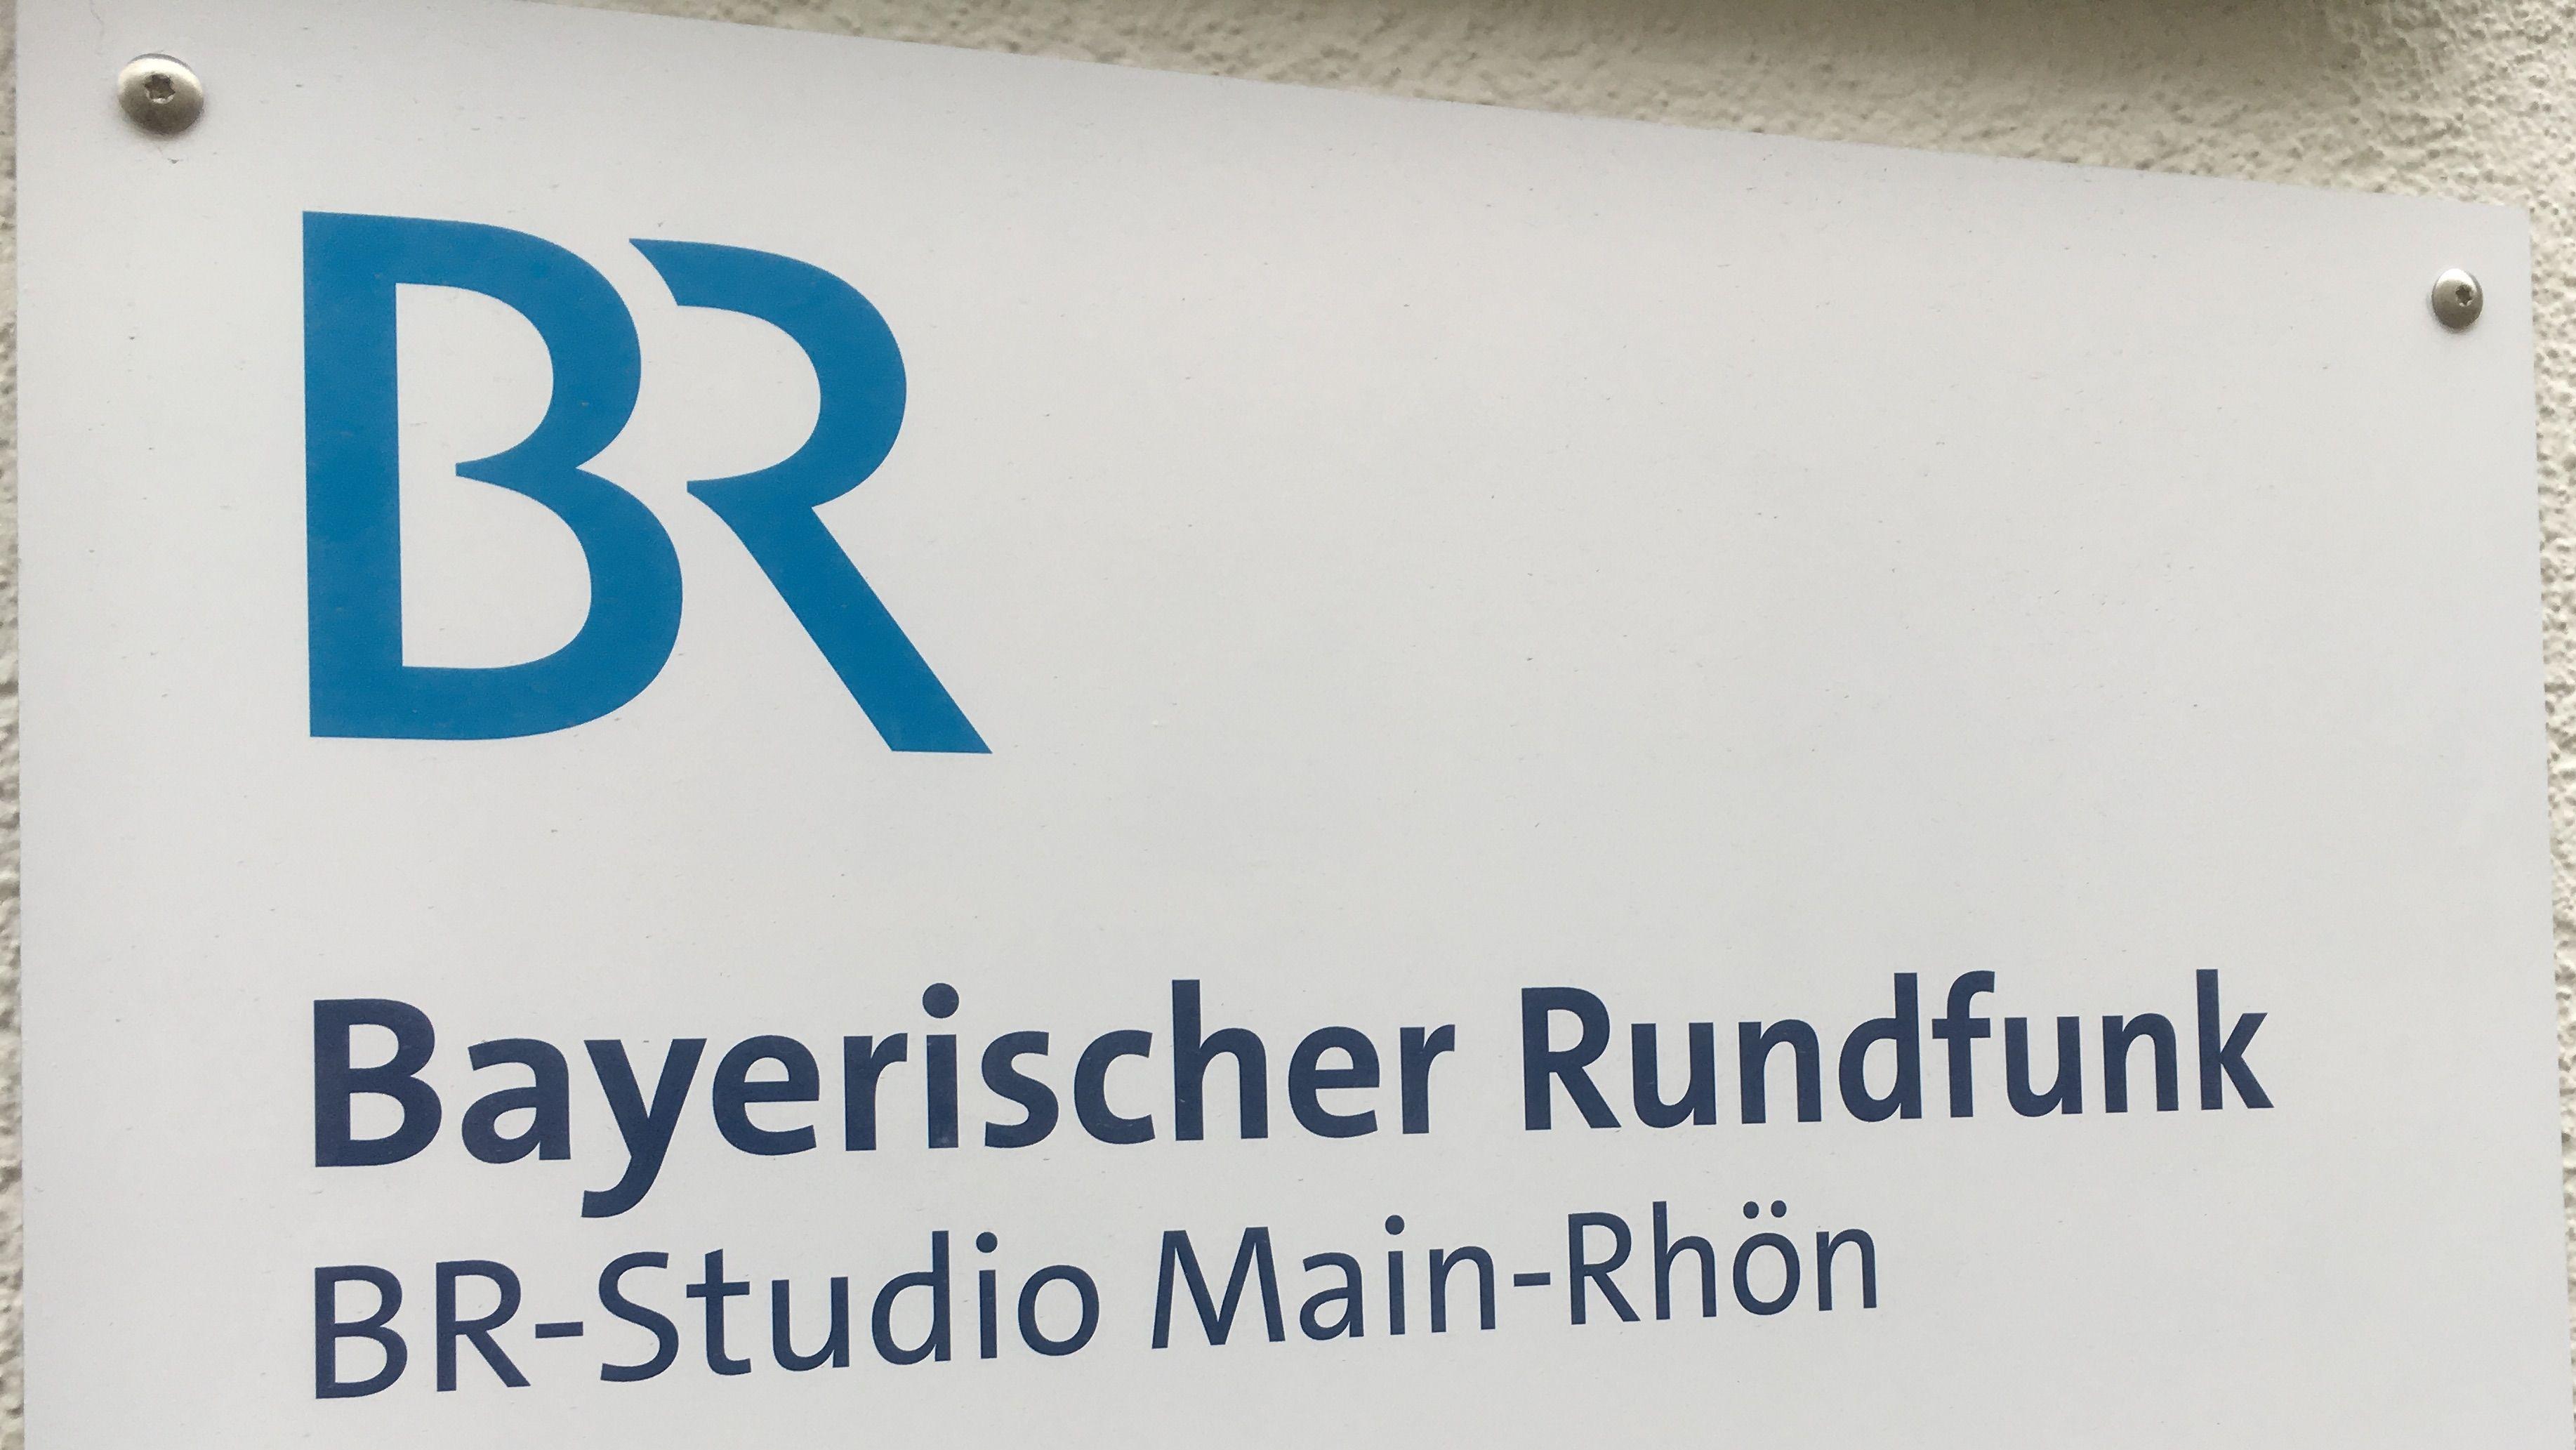 BR-Studio Main-Rhön